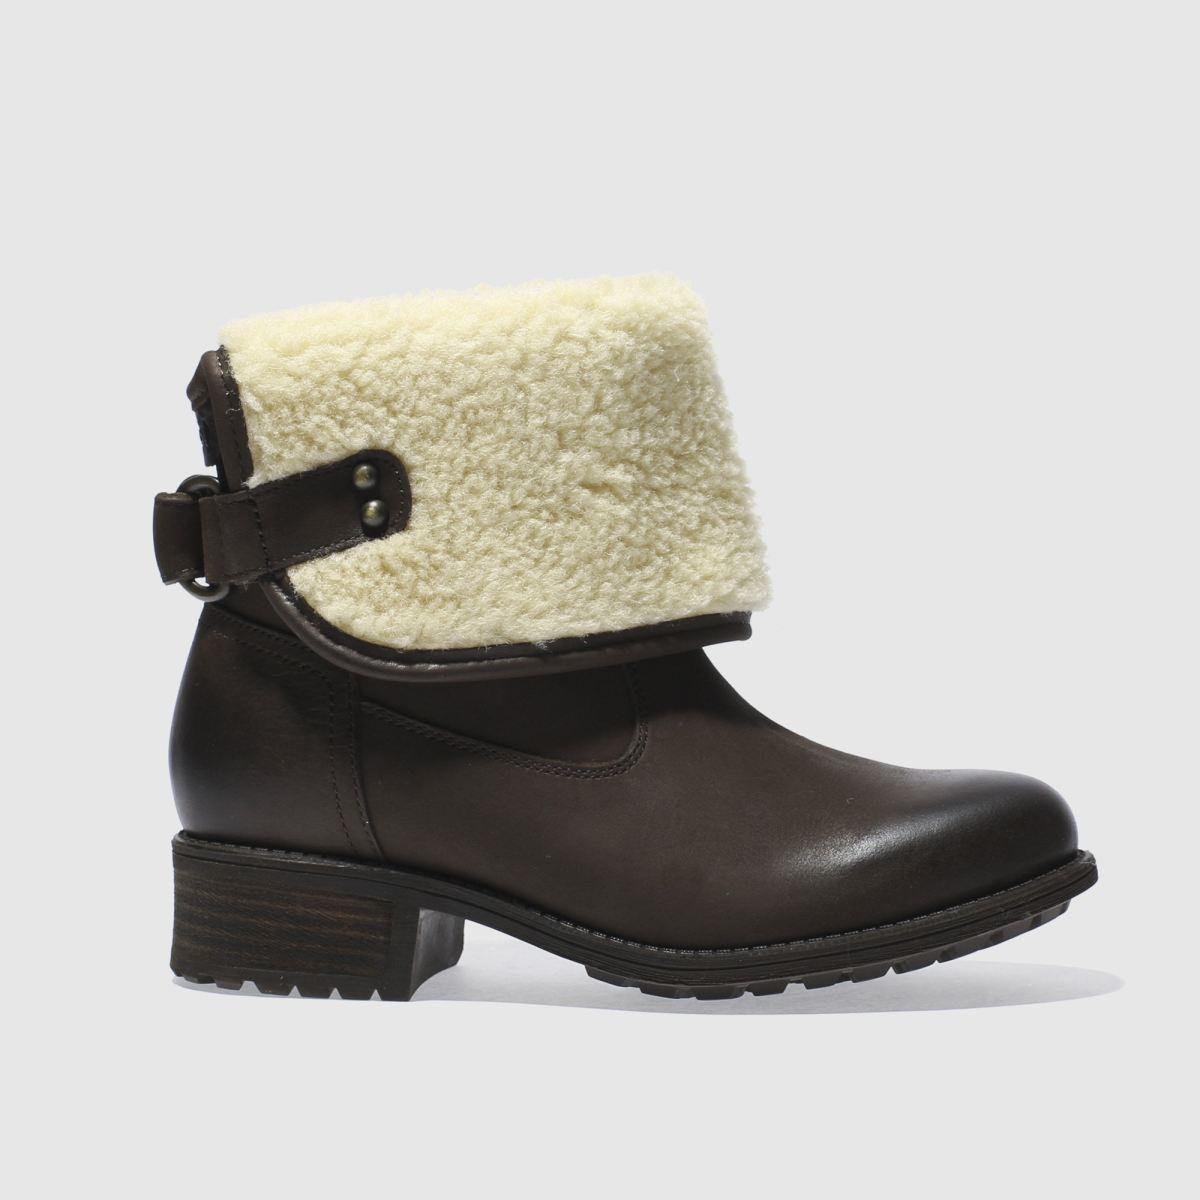 Ugg Brown Aldon Boots